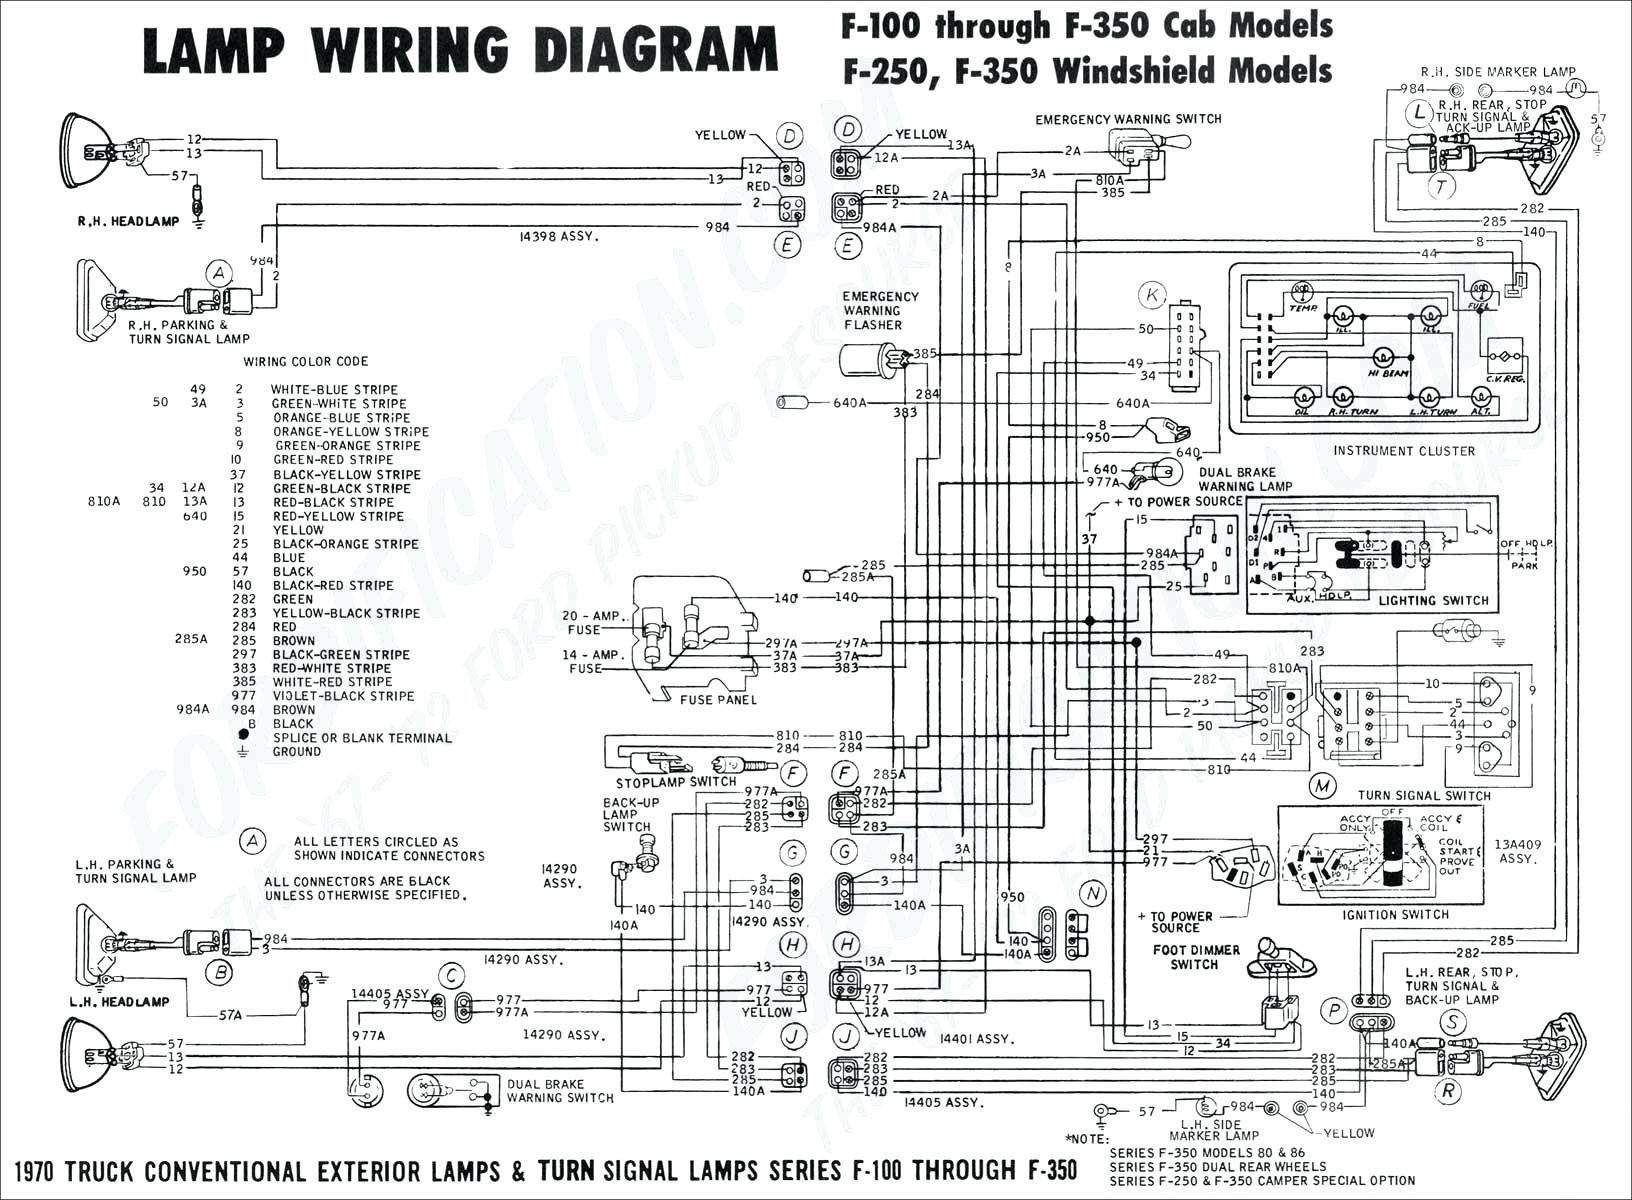 2004 Dodge Durango Engine Diagram Re